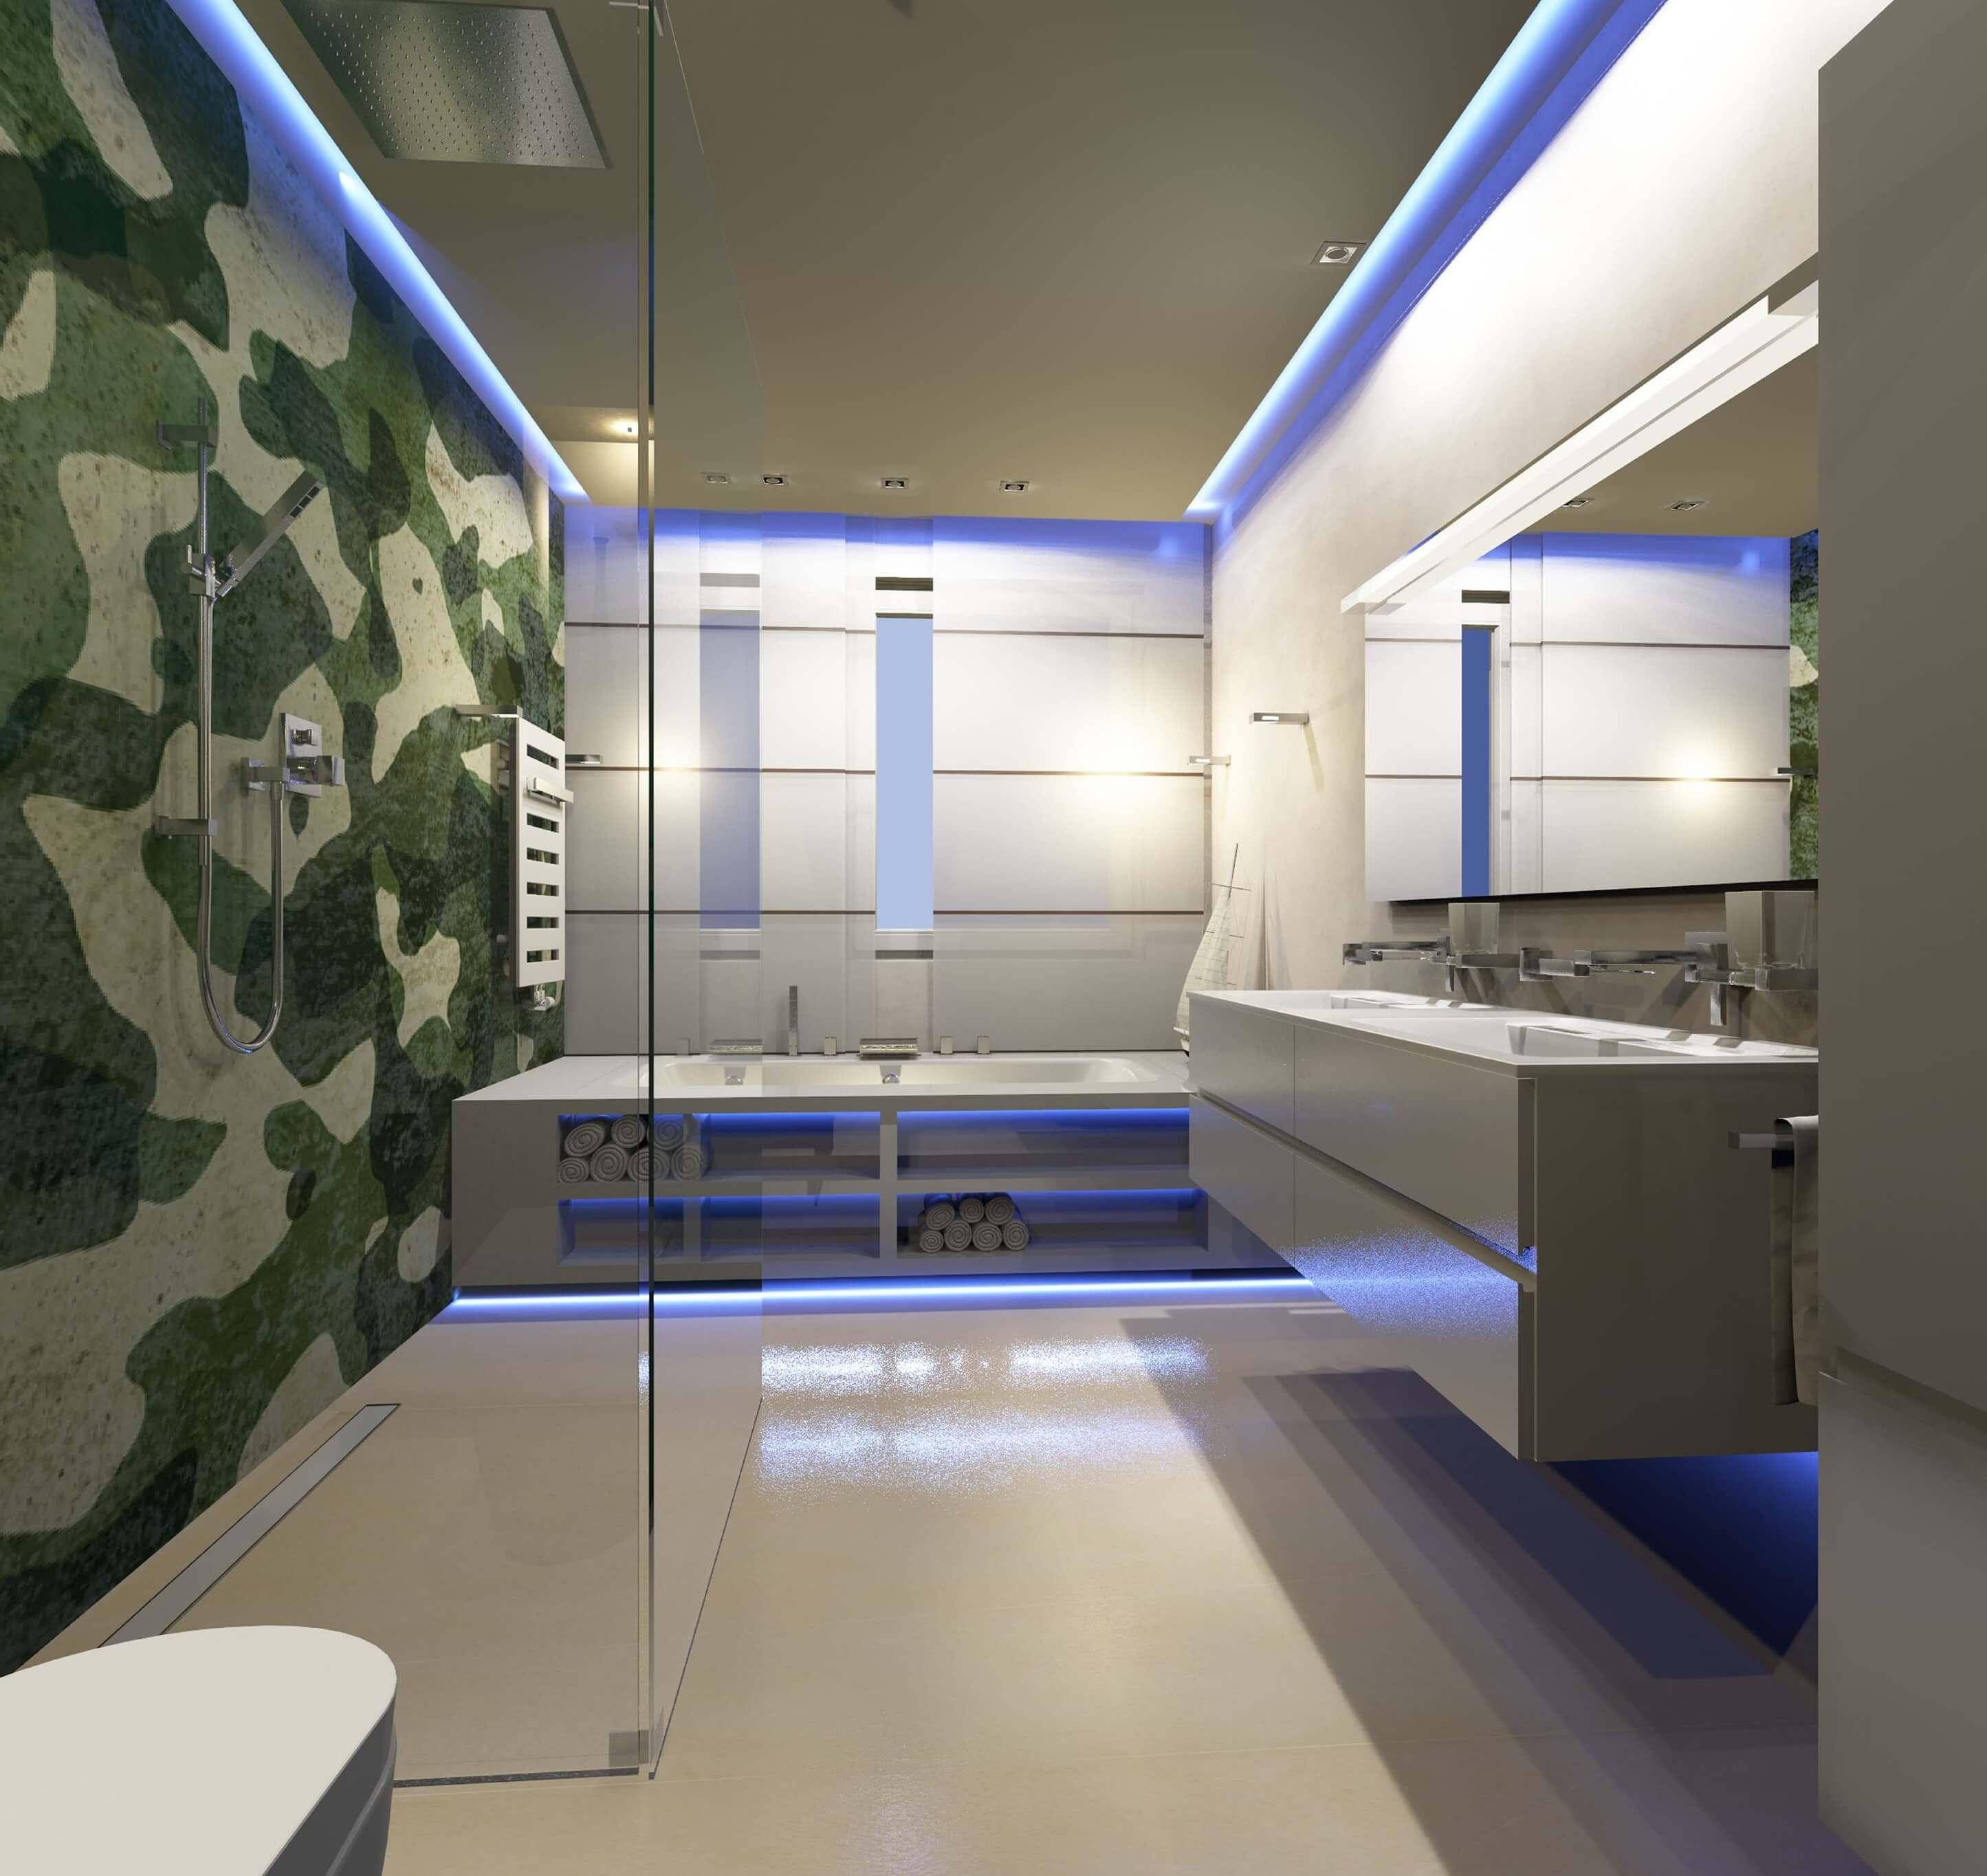 Bad einrichten 5 qm badezimmer trends 2019 badtrends for Badezimmer 5 quadratmeter